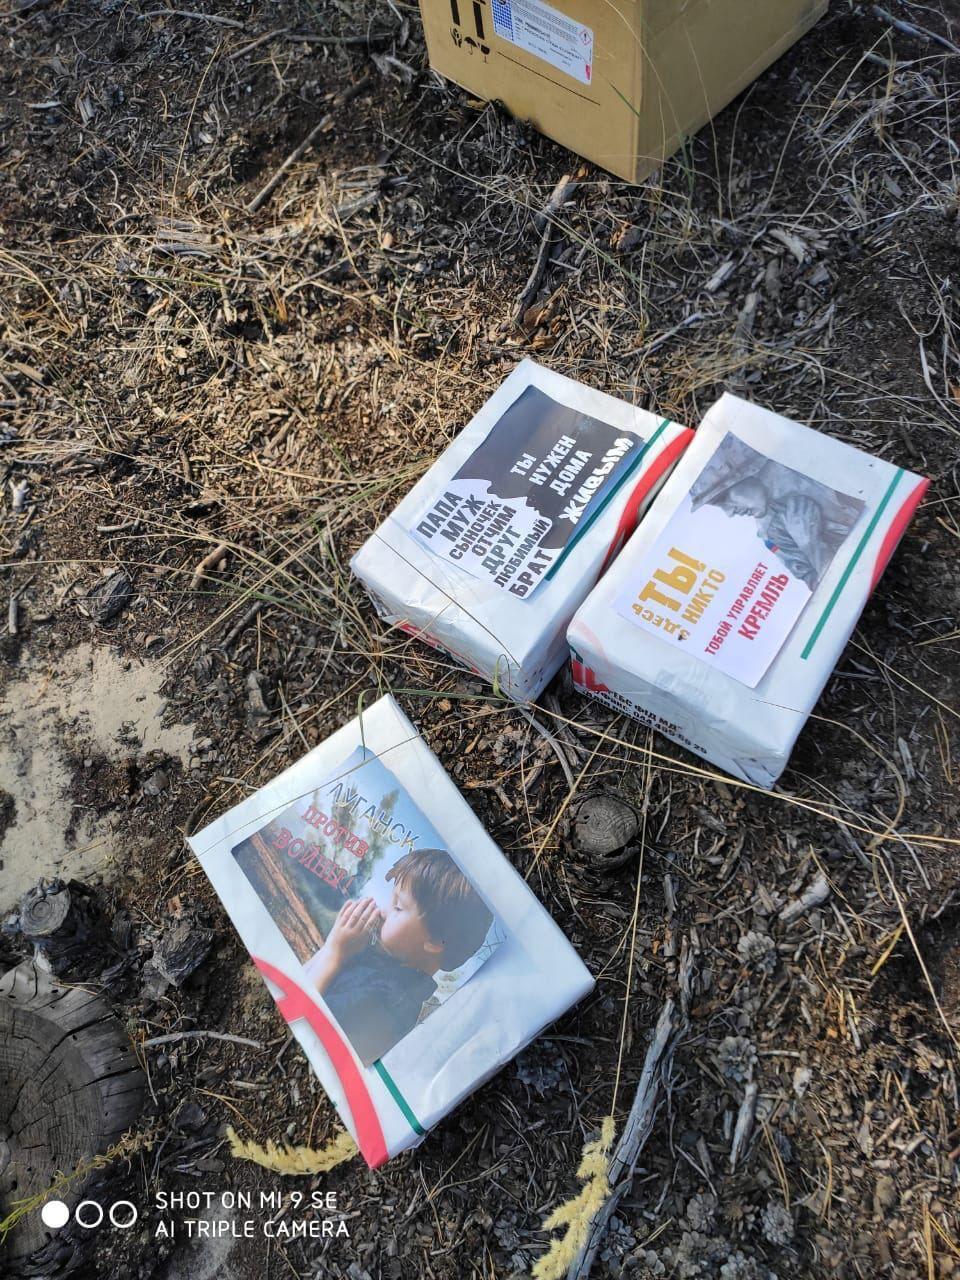 """""""Луганск против войны!"""", """"Здесь ты никто, тобой управляет Кремль"""", """"Папа, муж, сыночек, отчим, друг, любимый, брат – ты нужен дома живым"""", – свидетельствуют открытки"""